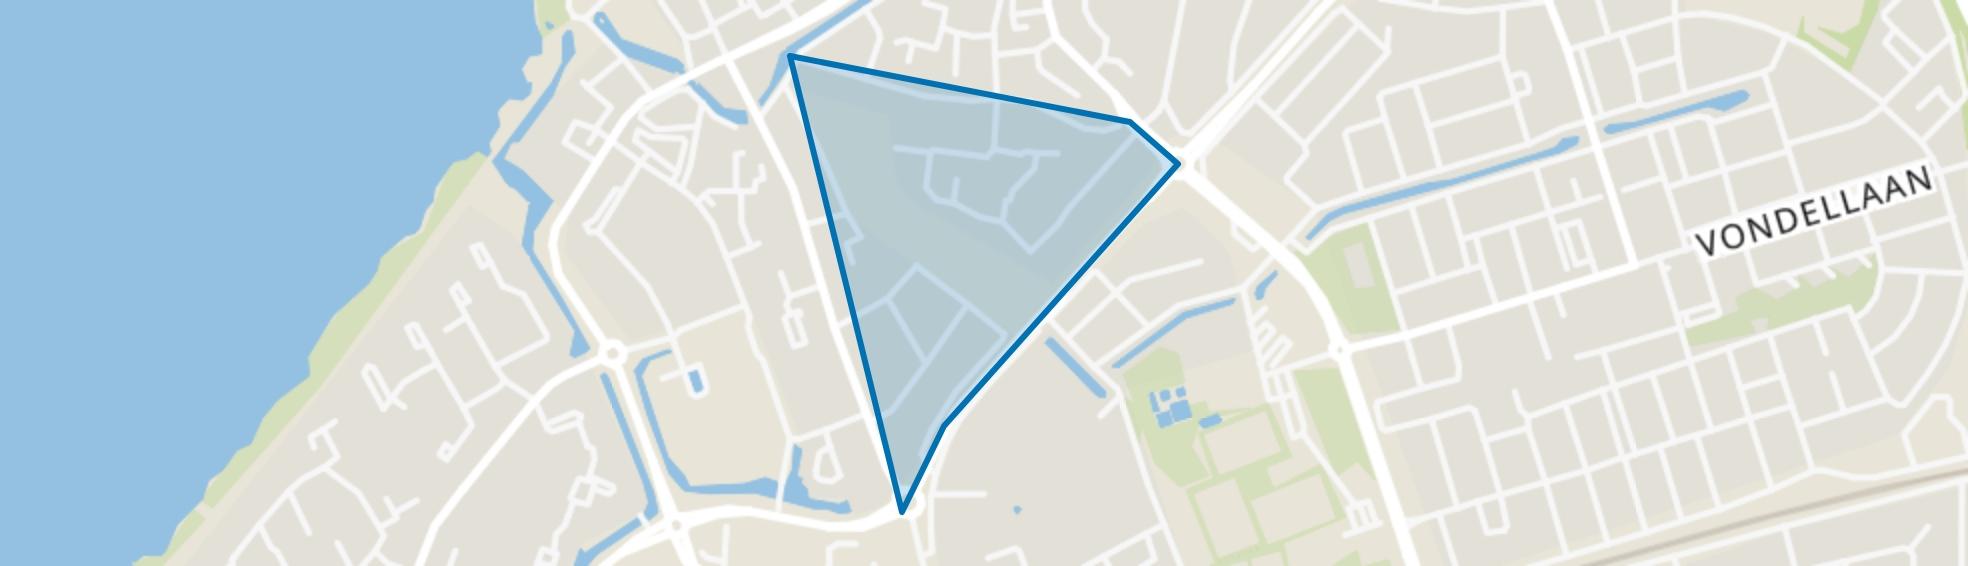 Friesegracht-Zuid, Harderwijk map